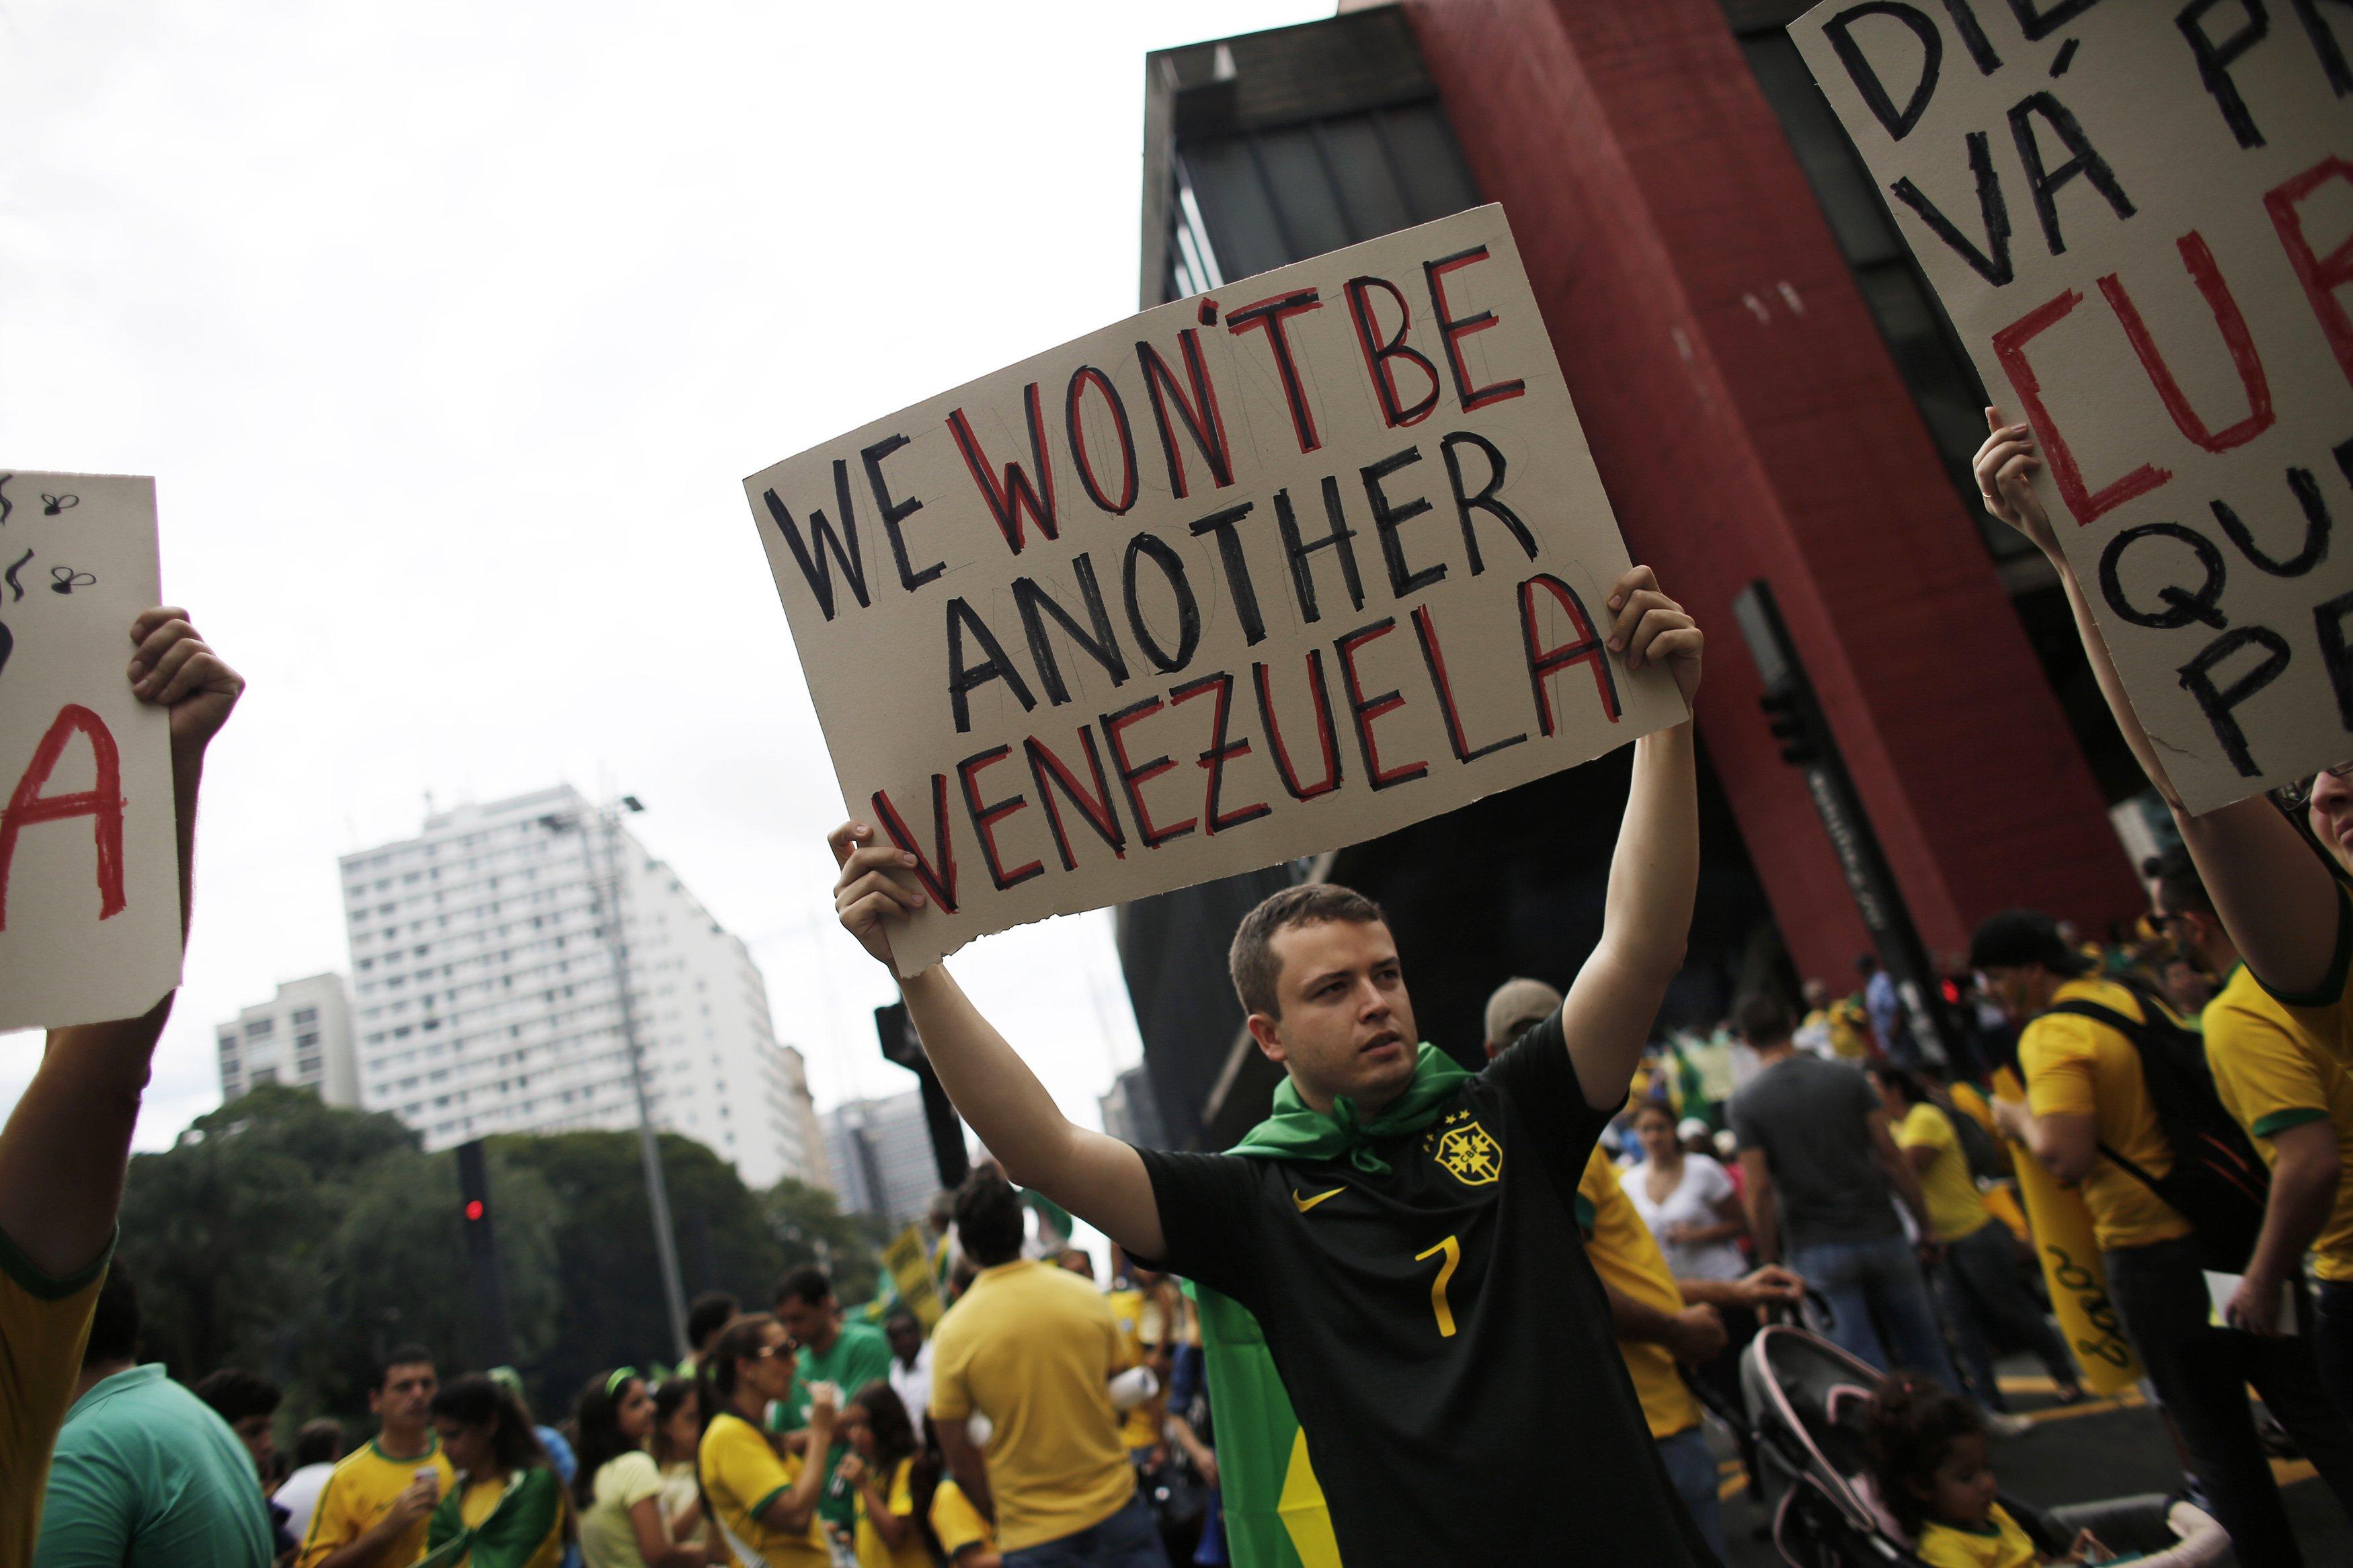 BRASIL PIERDE LA ILUSIÓN Y LOS SUEÑOS PERSONIFICADOS EN EL MITO DE LULA